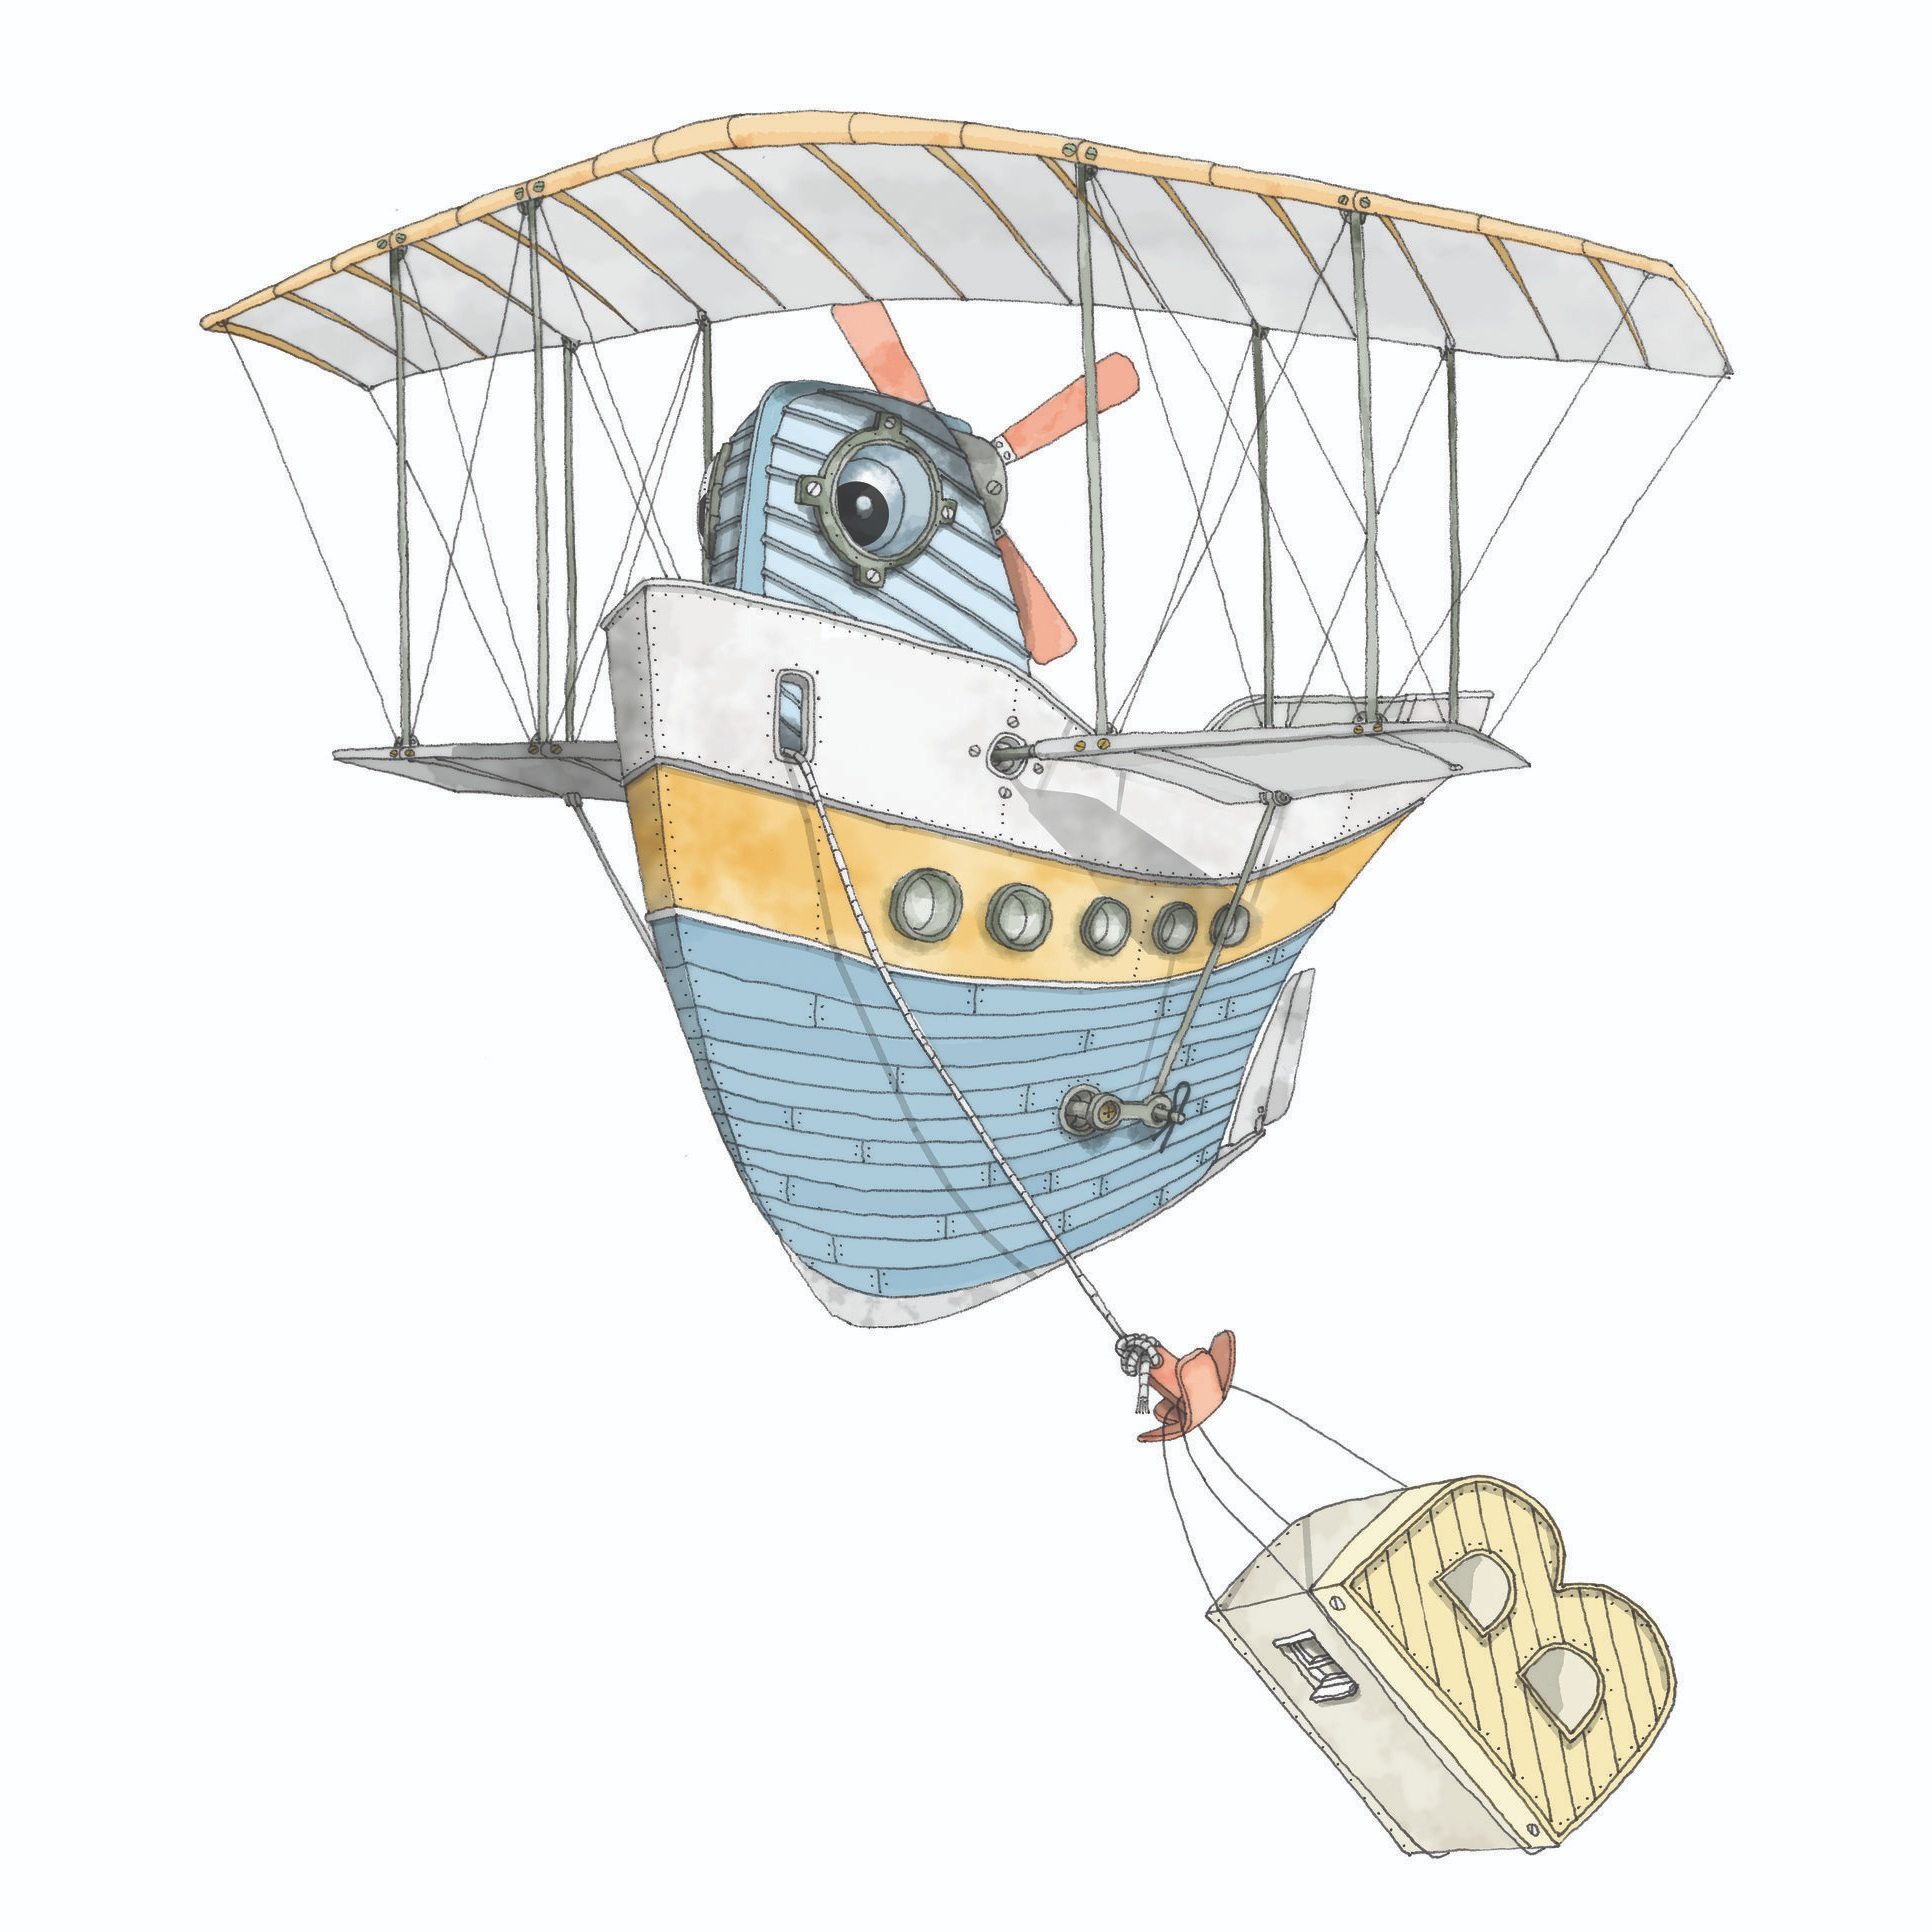 Bi Plane Boat